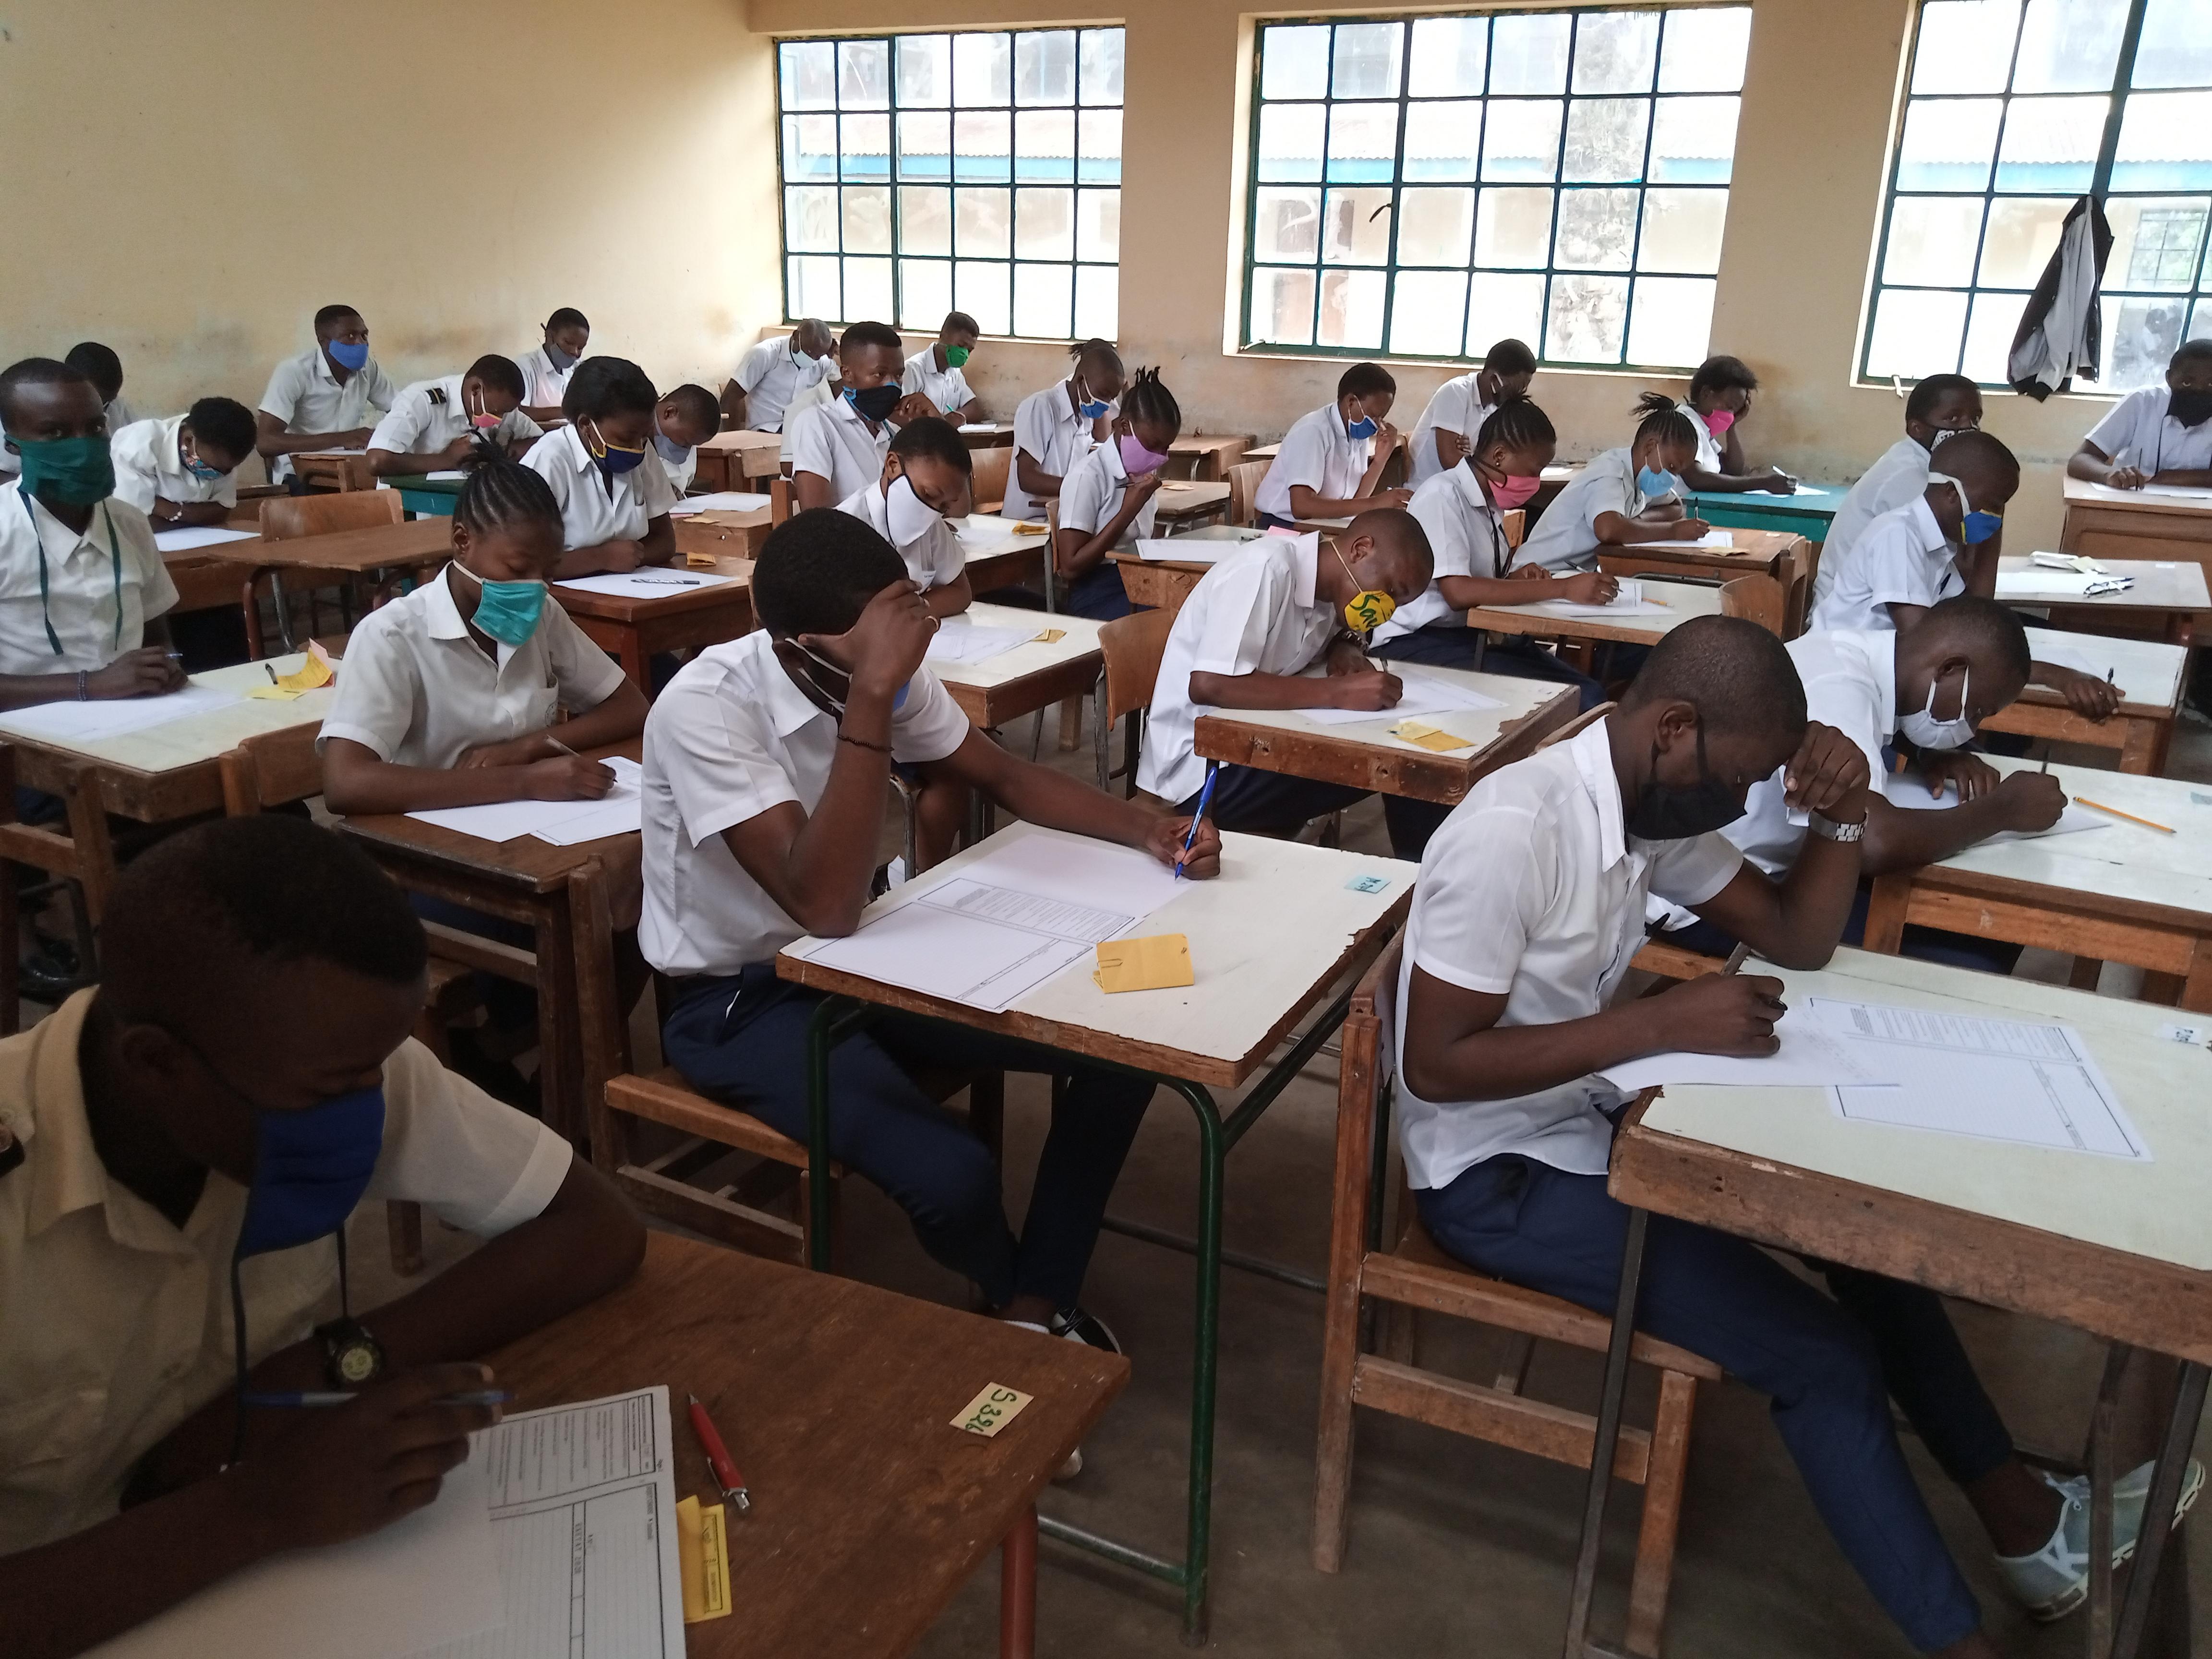 EXETAT/Sud-Kivu : Des élèves sans points scolaires privés de faire les examens préliminaires